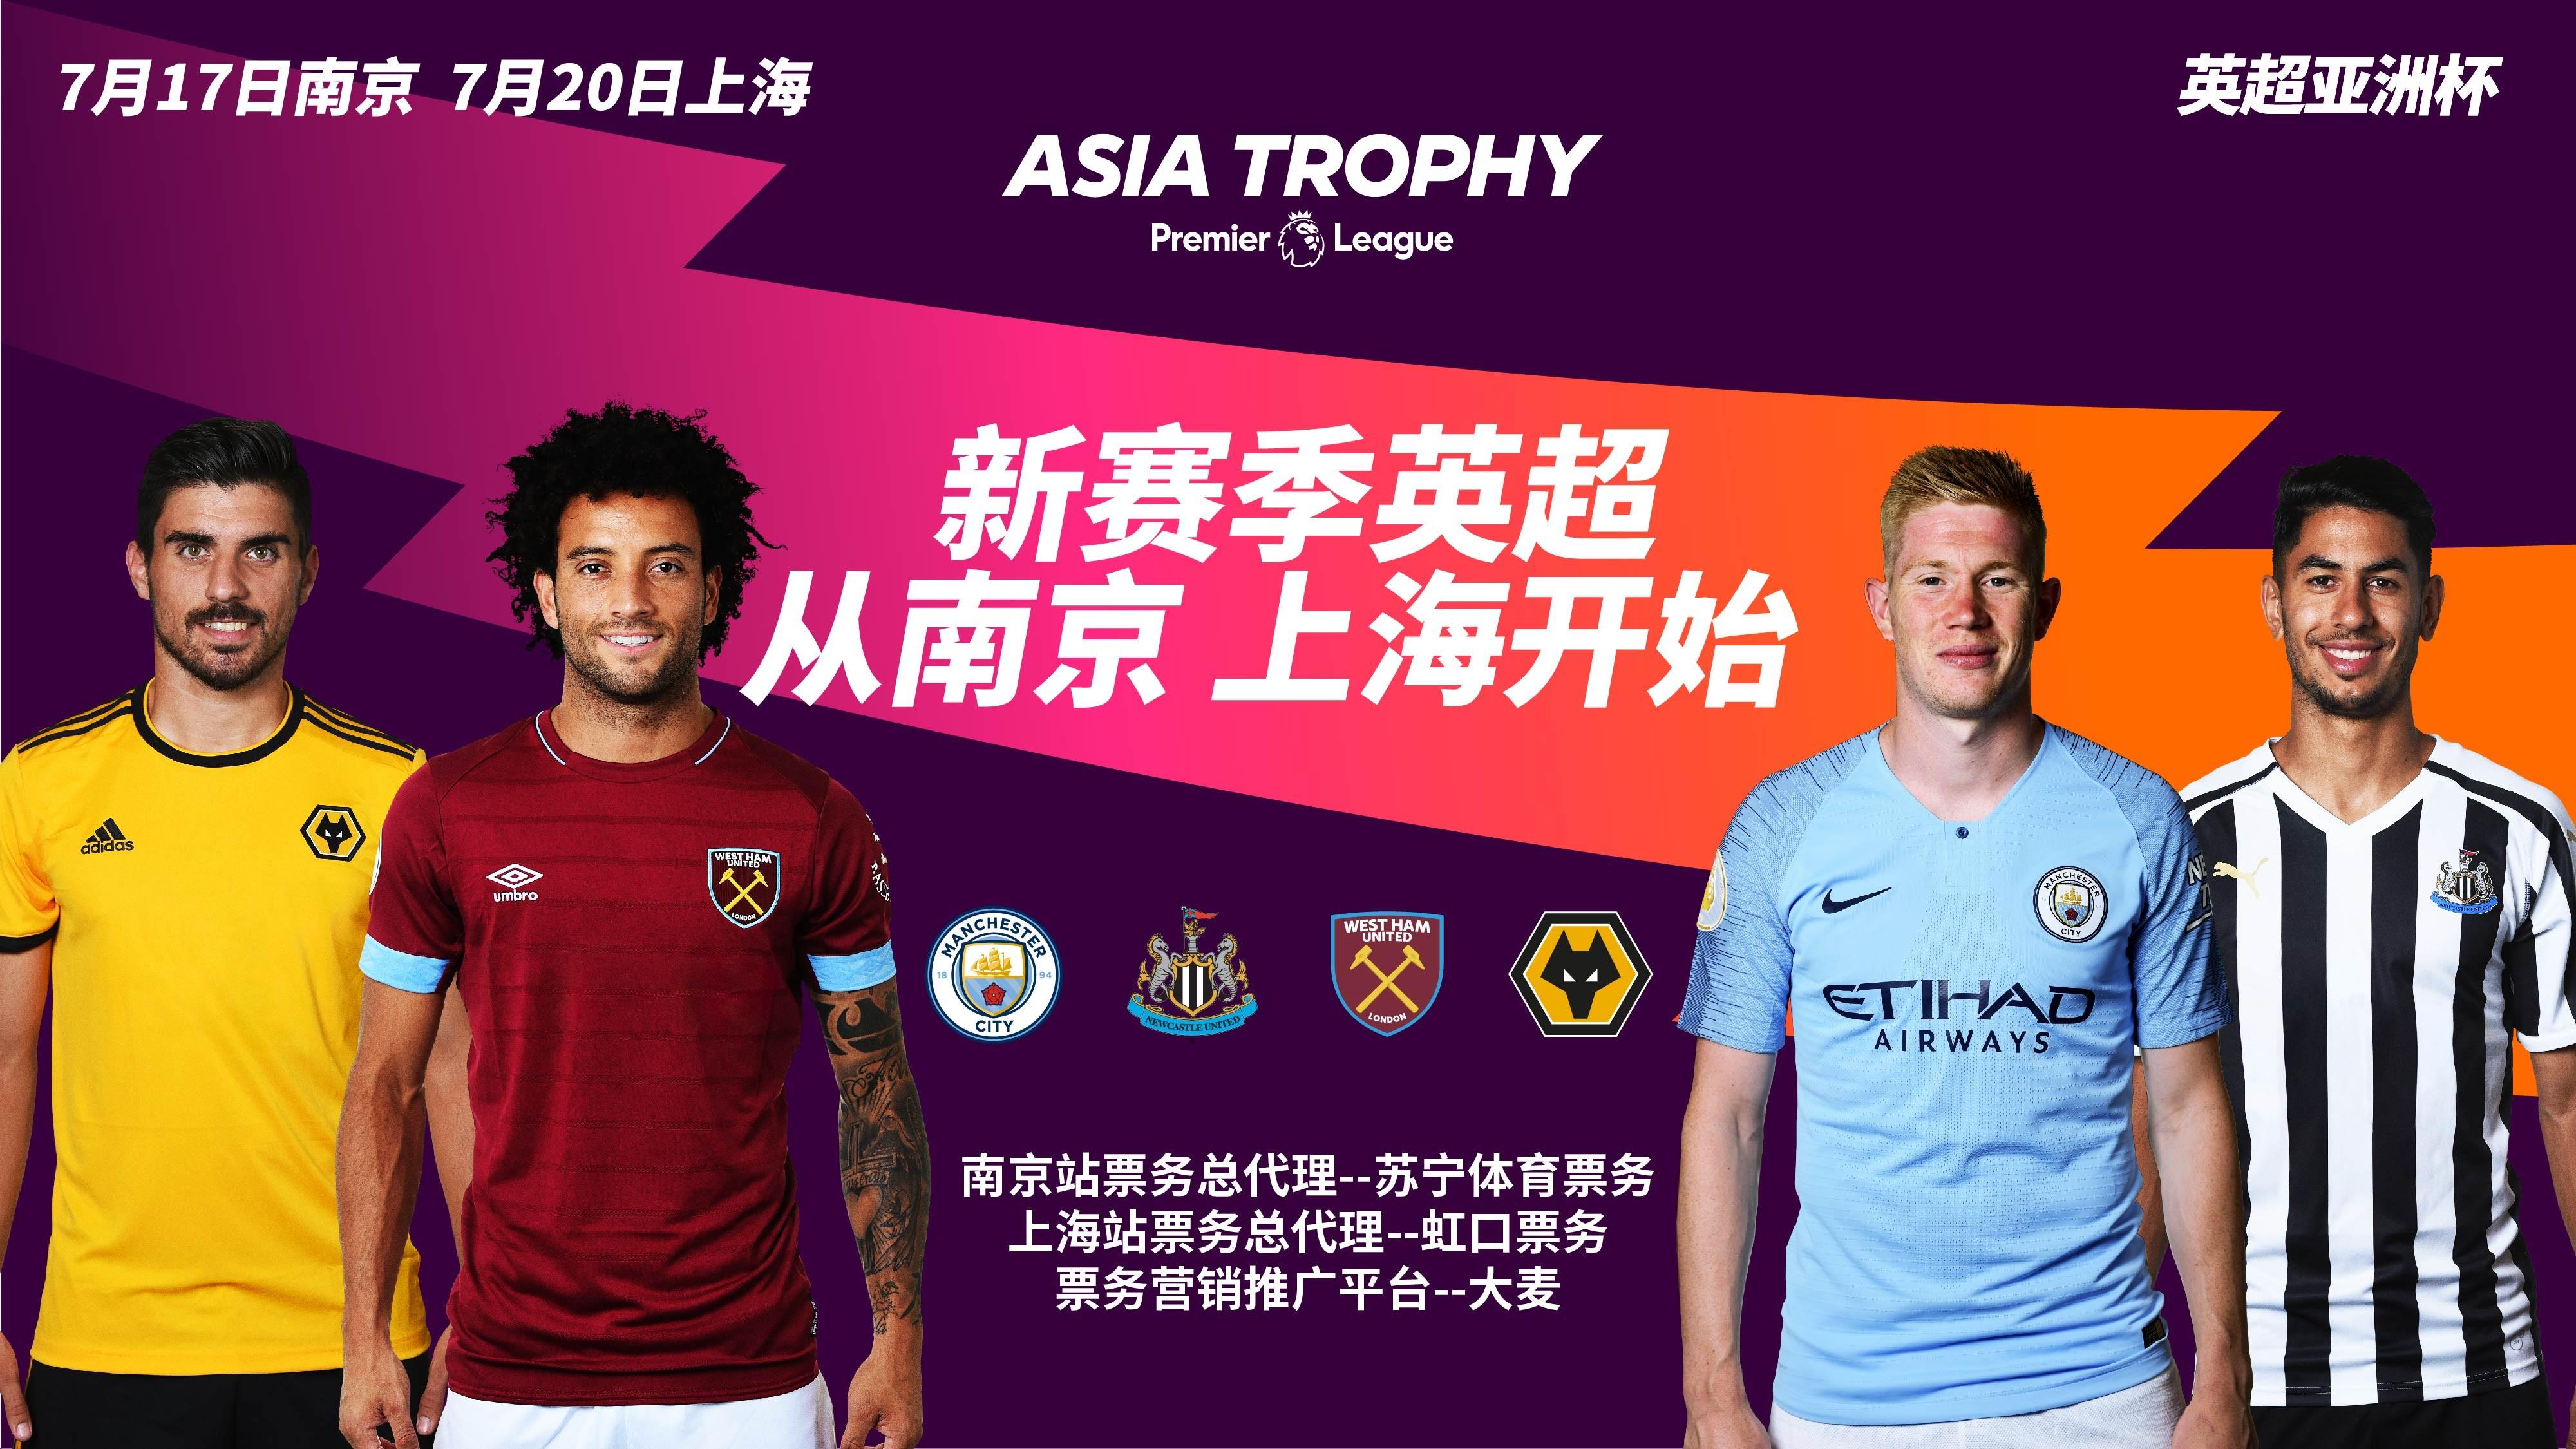 英超亚洲杯7月空降上海南京,铁锤帮首场约战曼城!